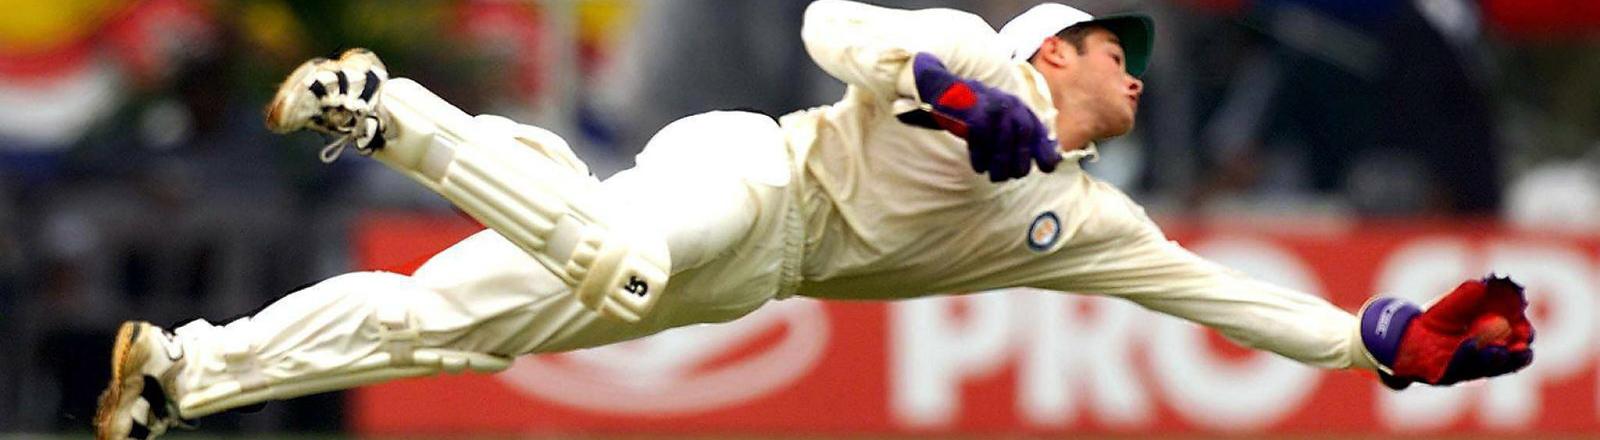 Der südafrikanische Kricketspieler Mark Boucher fliegt hoch durch die Luft, um eine Ball zu fangen.